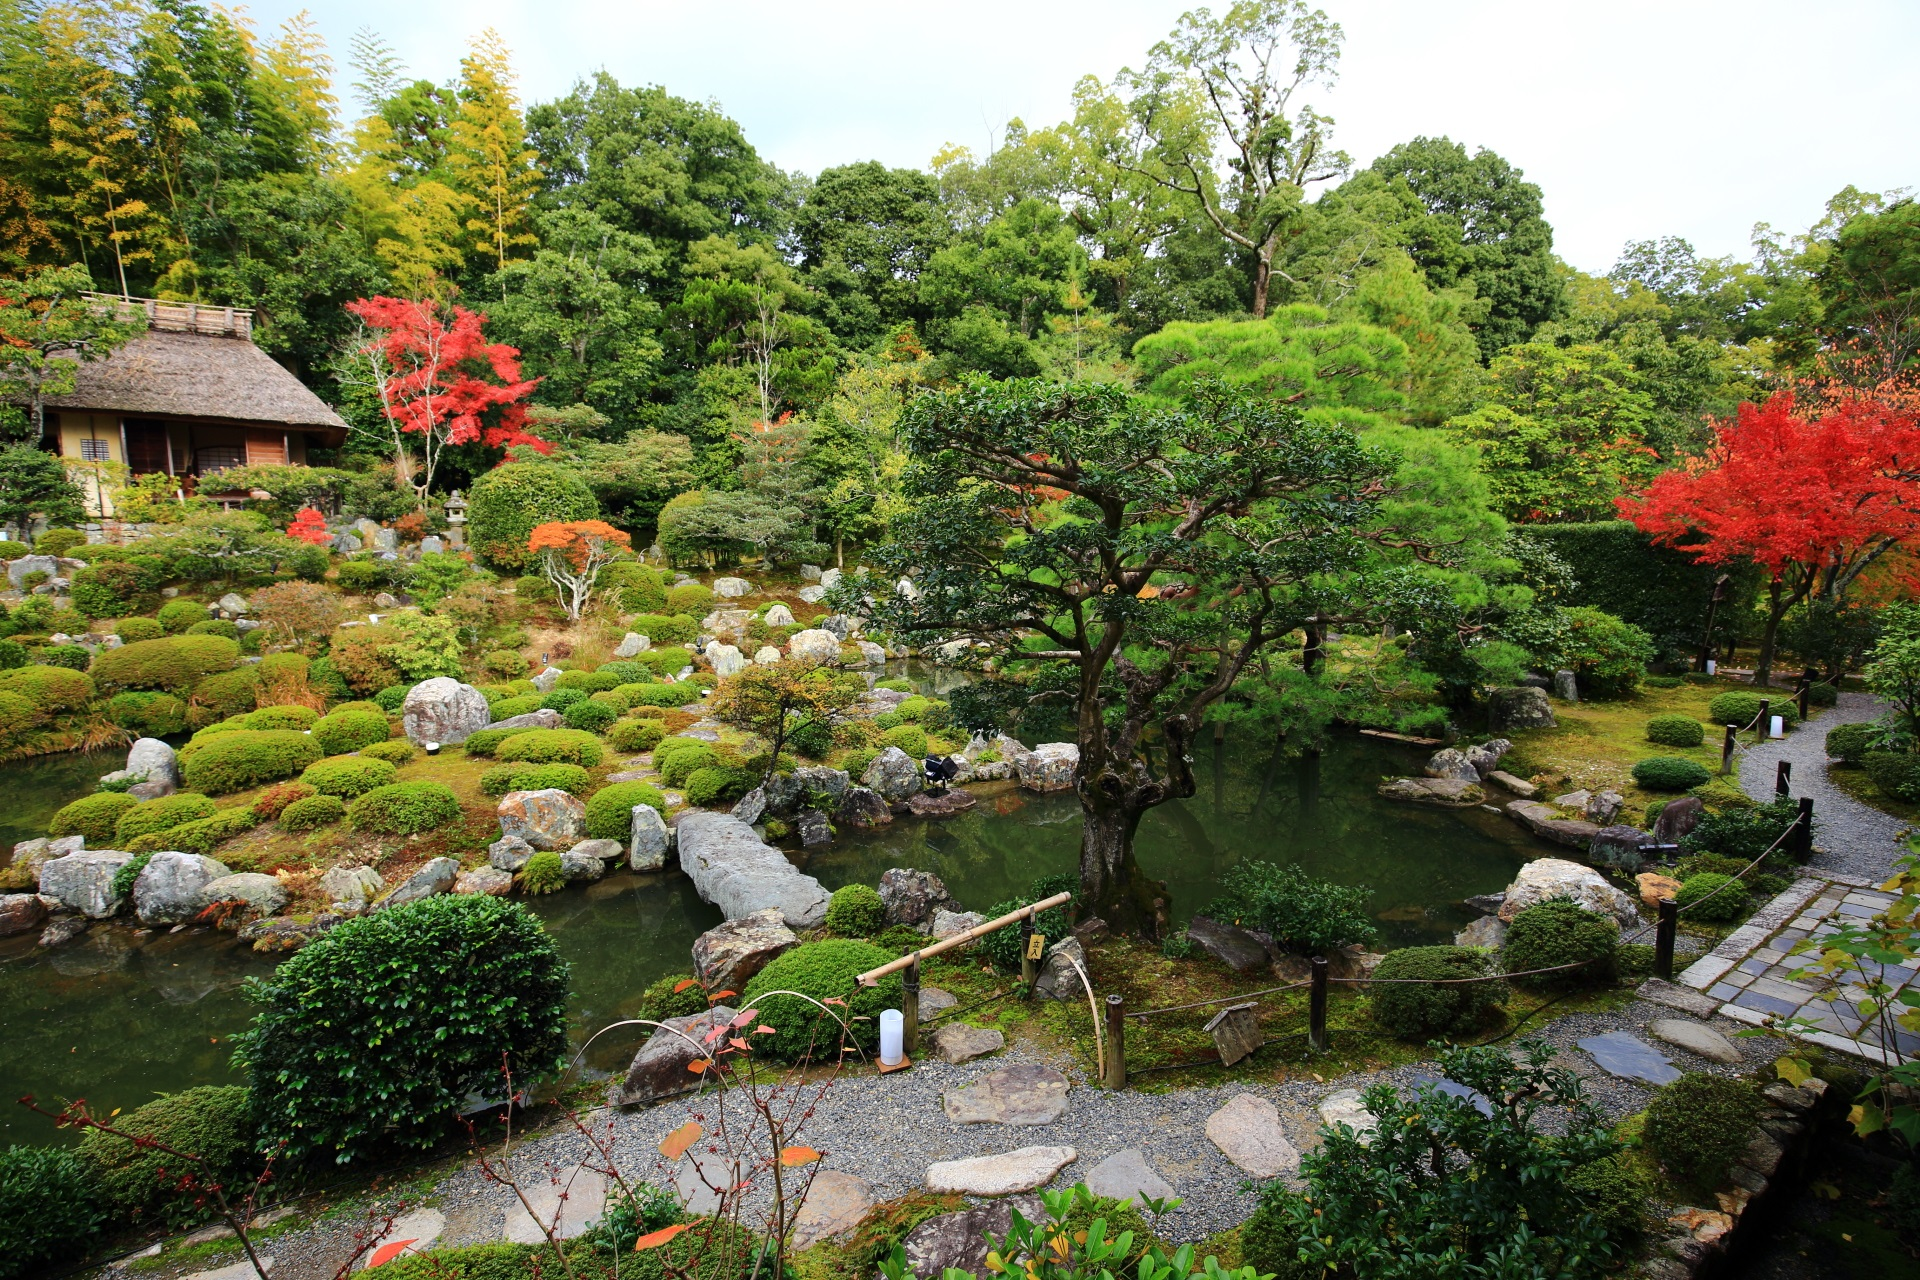 等持院の多種多様な緑と水の美しい庭園